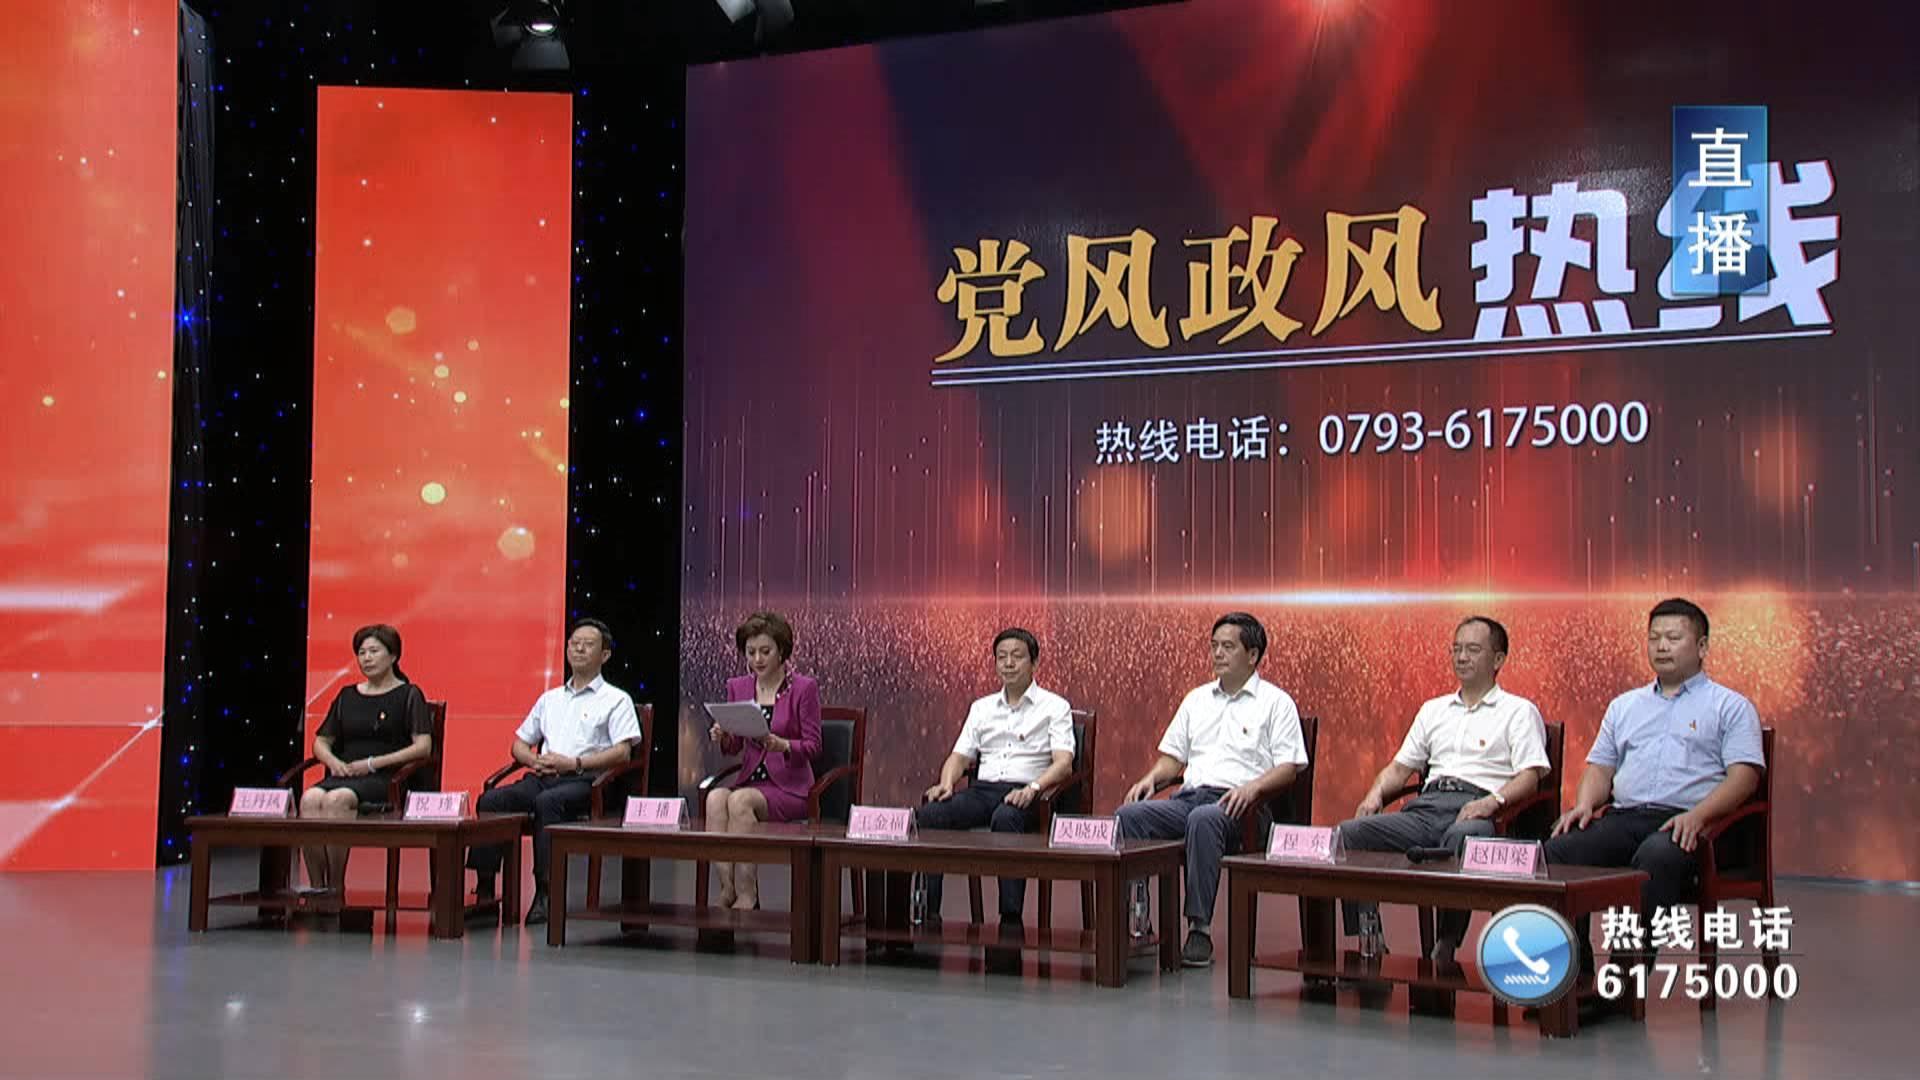 2019年党风政风热线上饶市卫生健康委员会